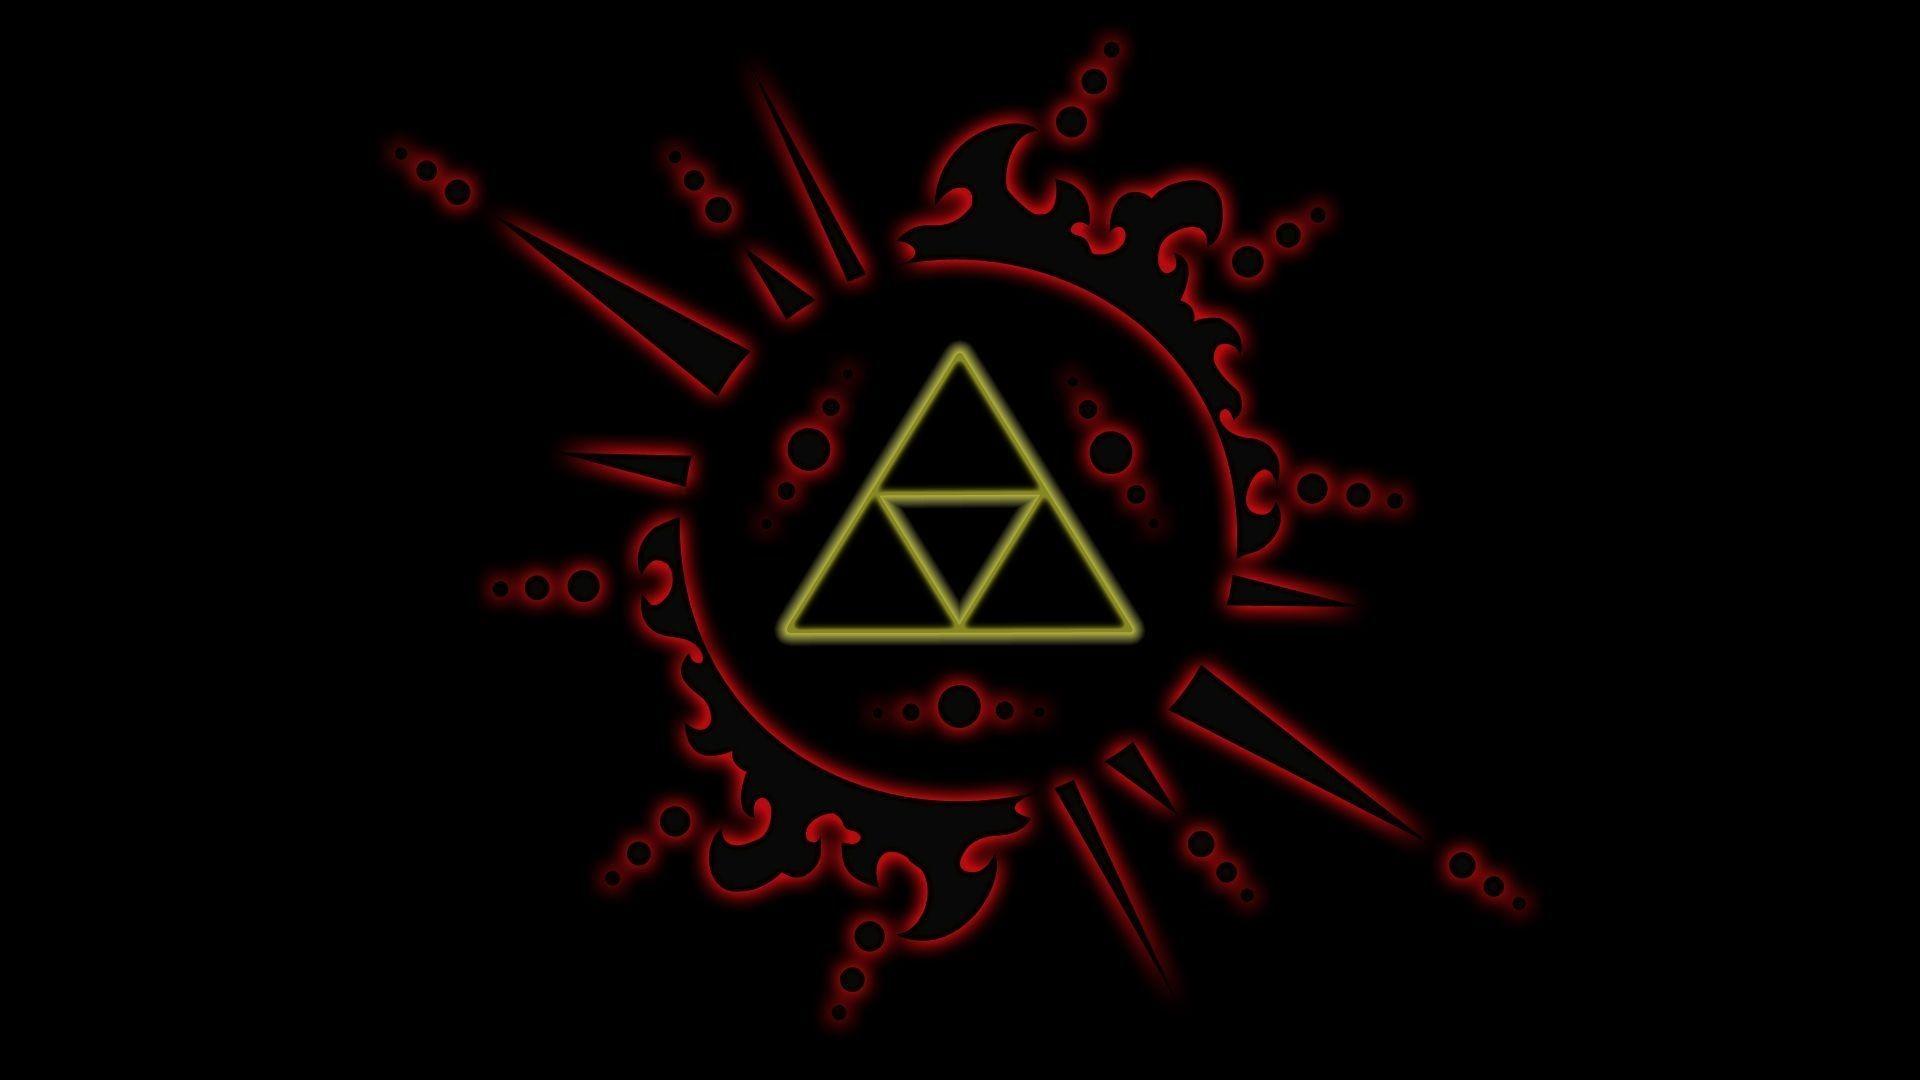 1080p Zelda Wallpaper: 30+ Zelda Wallpapers ·① Download Free Full HD Backgrounds